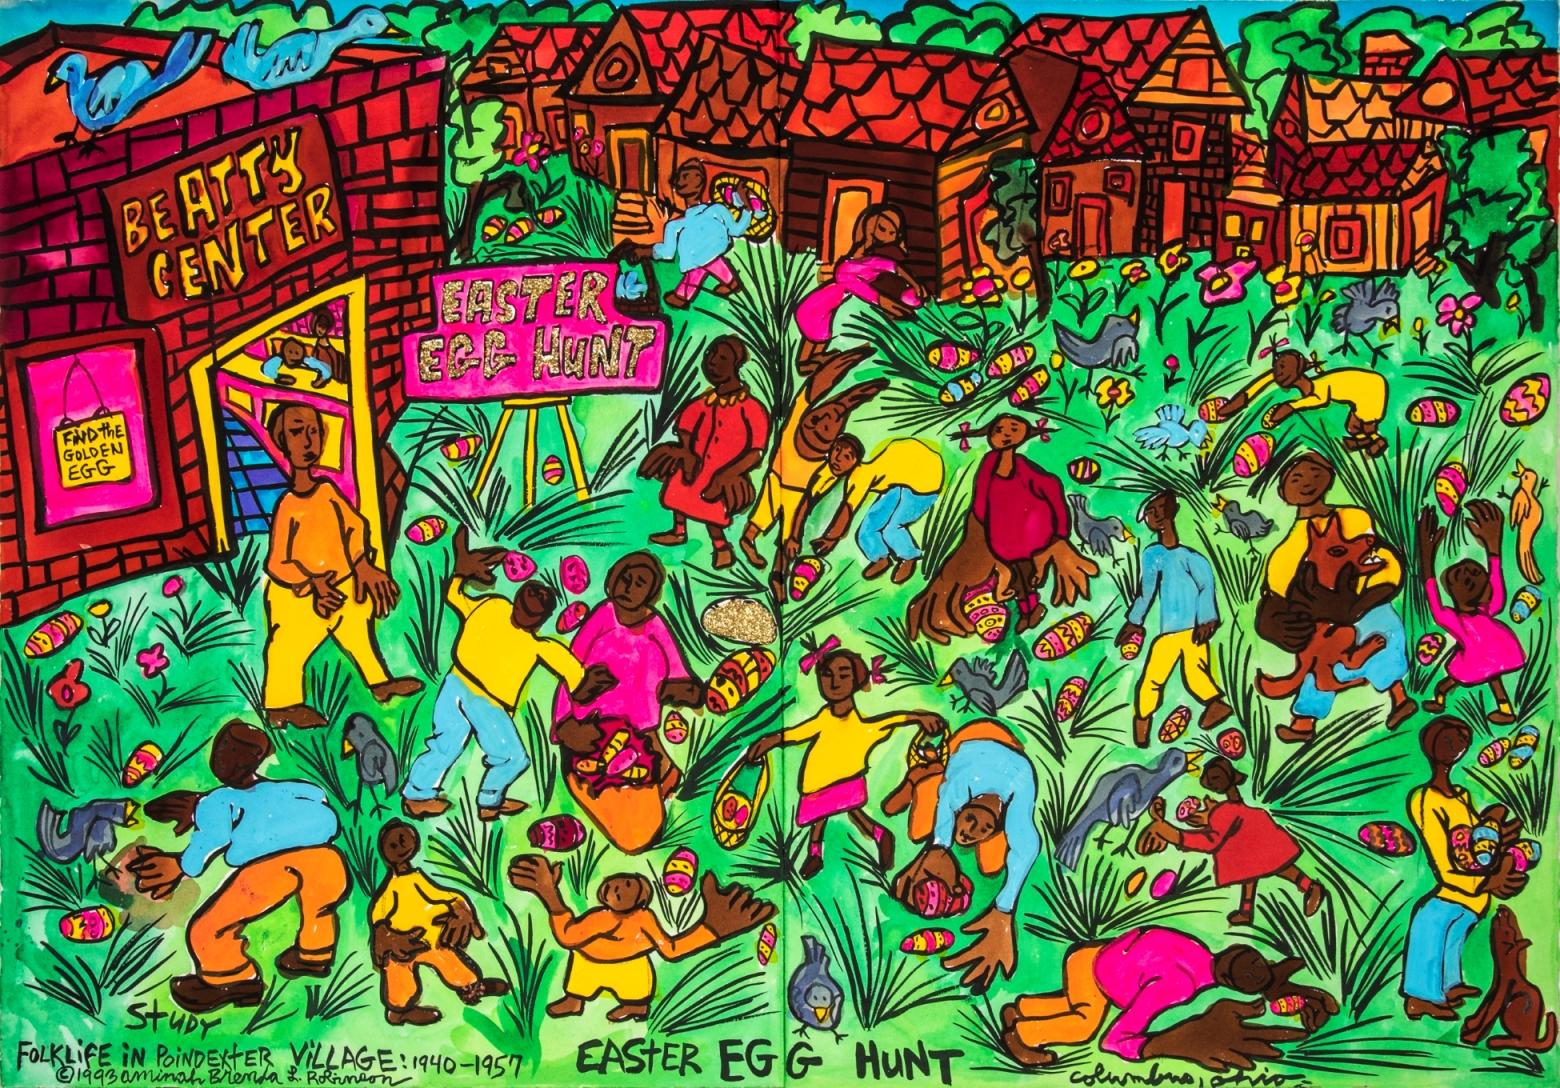 Raggin' On: Exploring Aminah Robinson's Art and Life at CMA